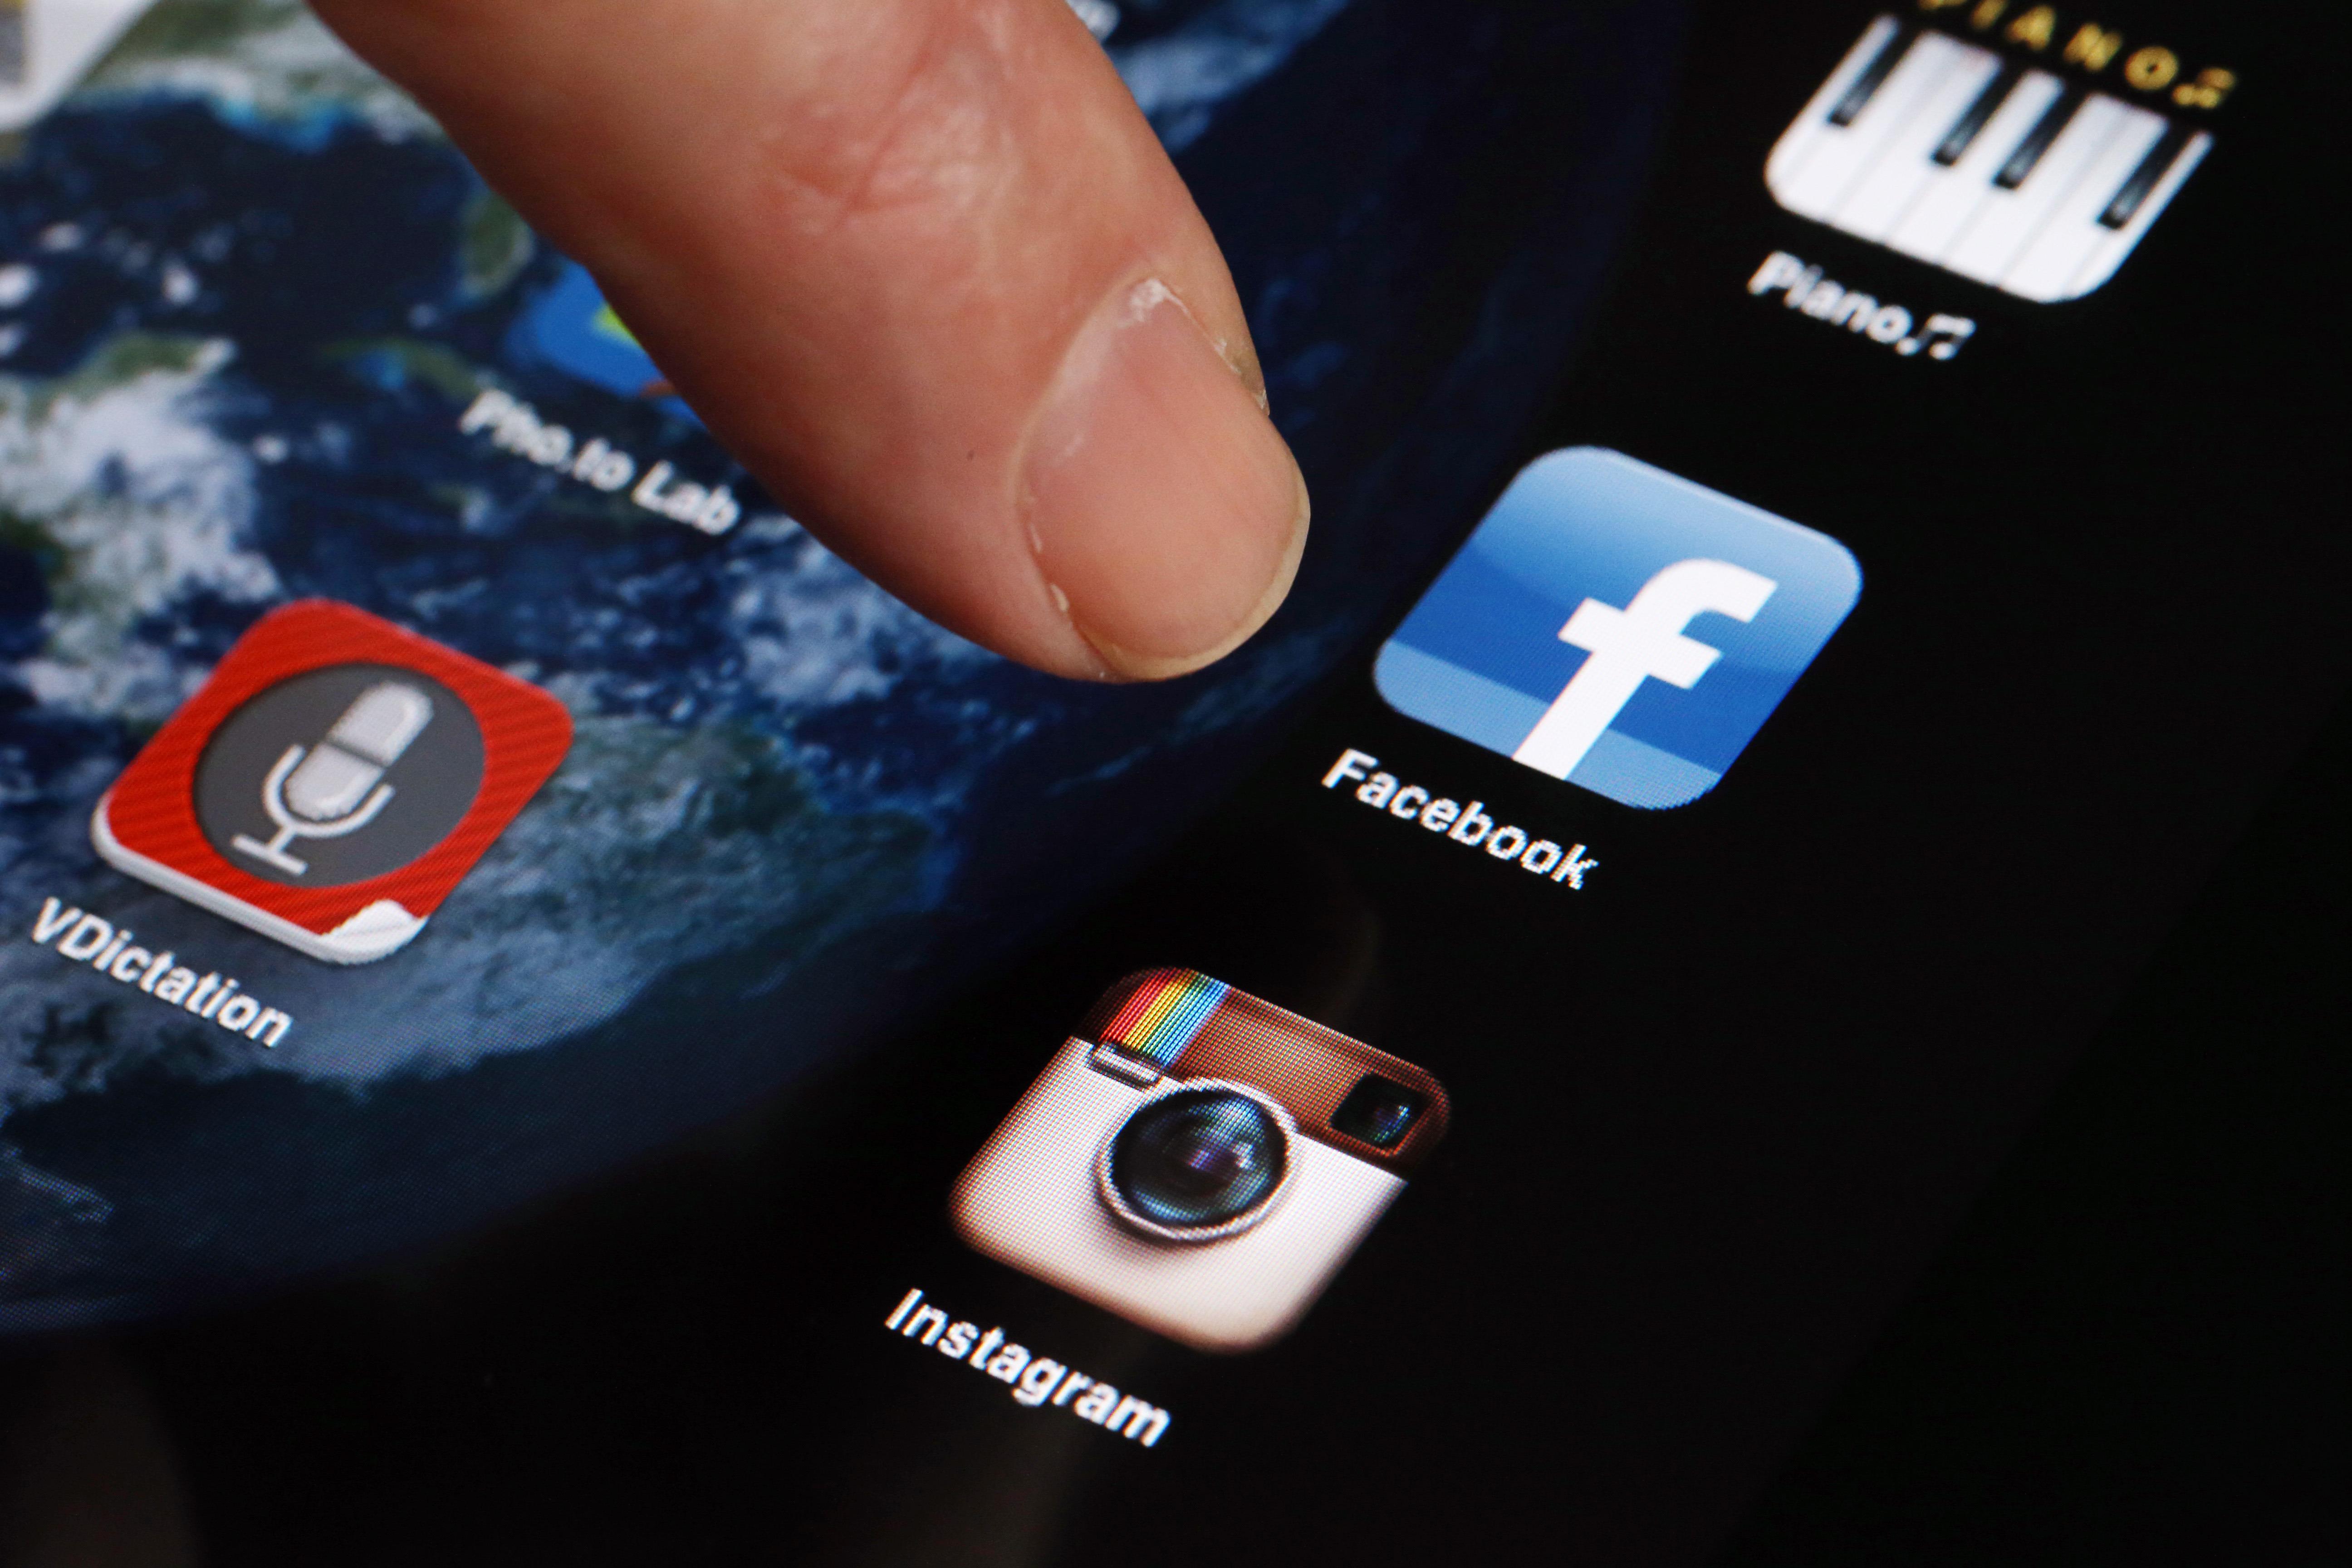 Družbena omrežja niso namenjena za vse, kar nam pride na pamet!